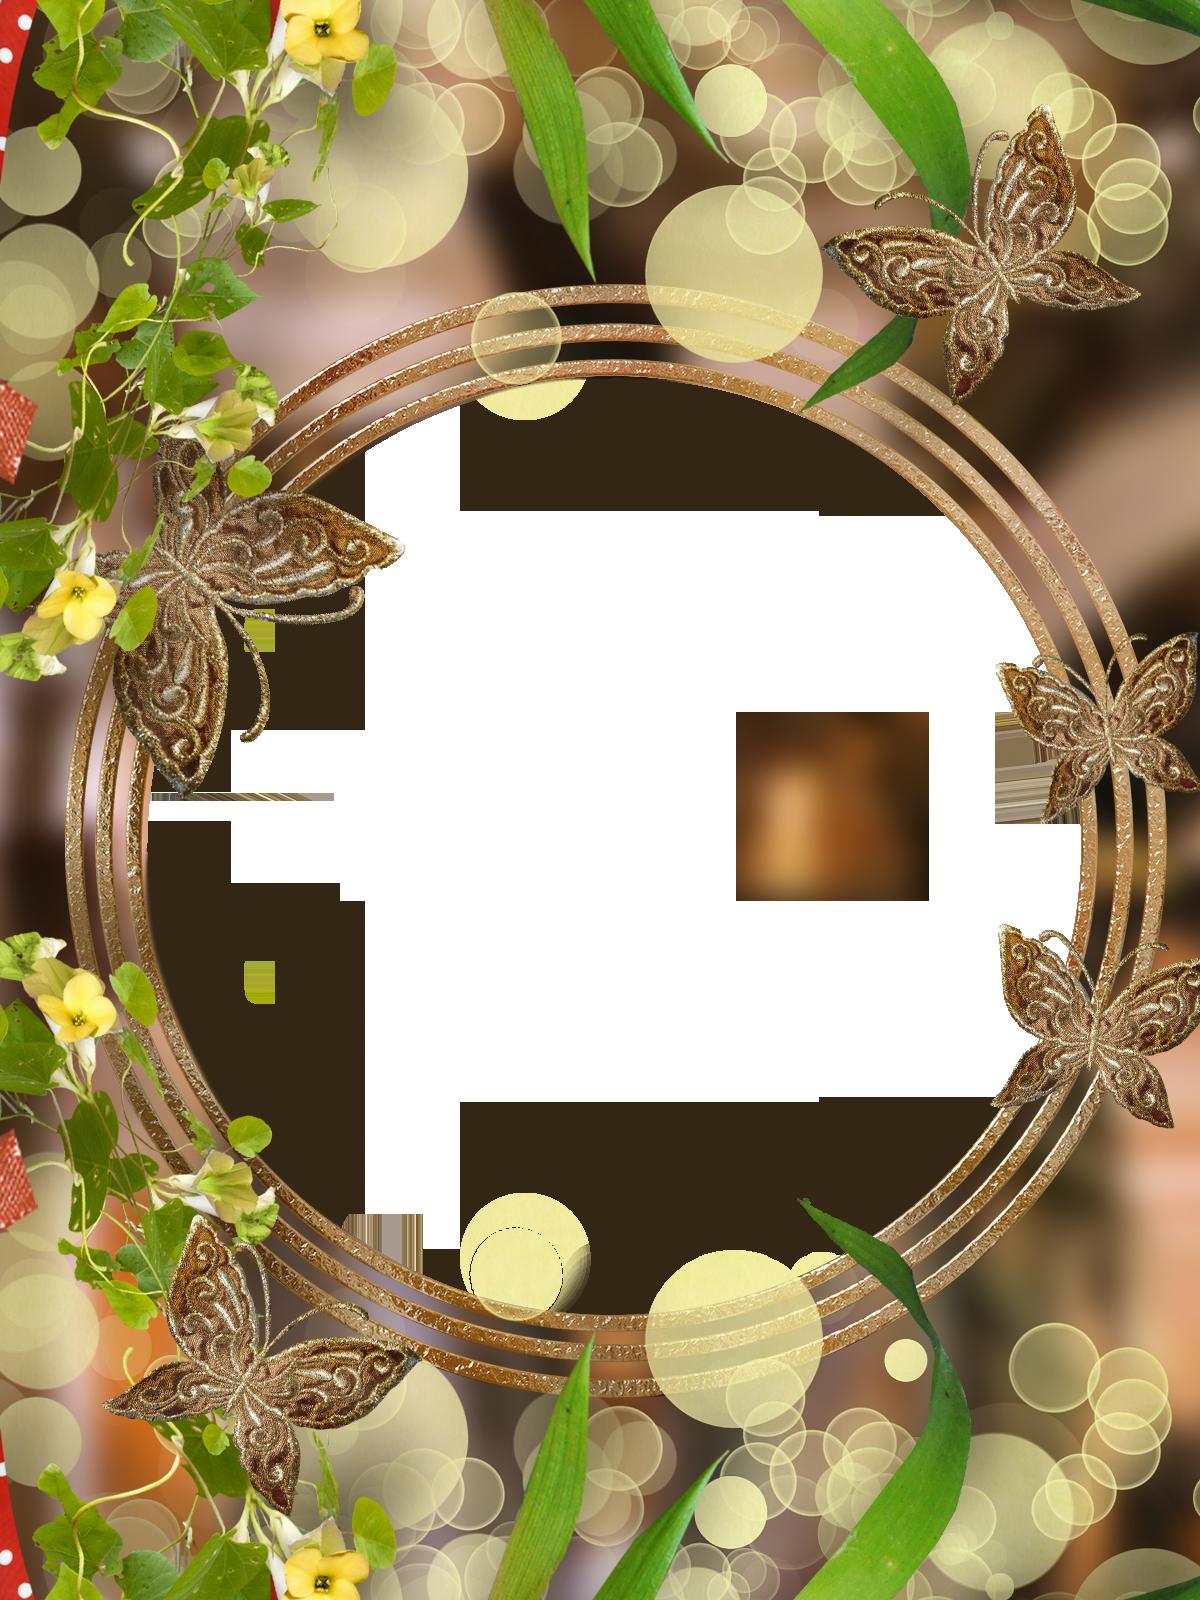 Фоторамка Круглая рамка с бабочками Фоторамка для фотошопа, PNG шаблон. Золотистая фоторамка. Золотые бабочки. Лето, зелень, листочки, цветы.